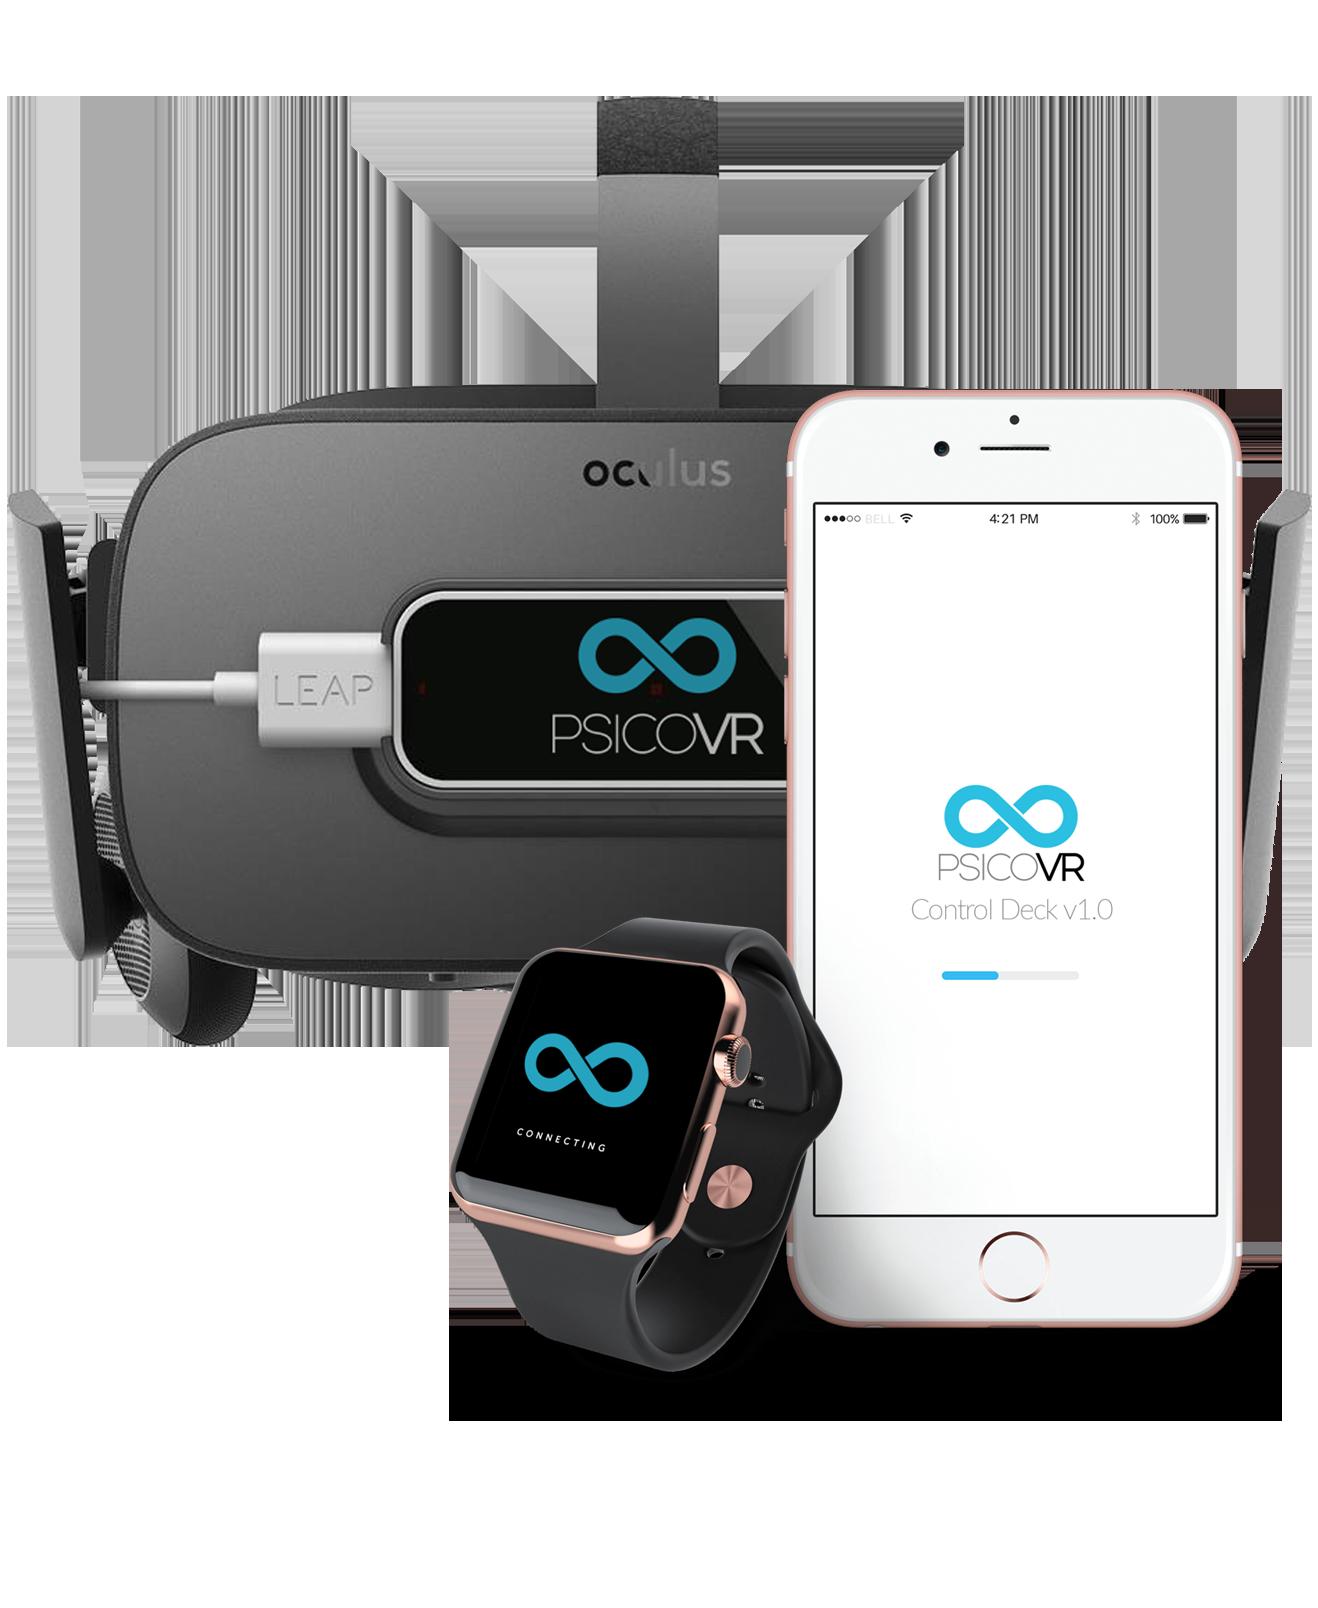 Se muestran unas Oculus Rift, un Iphone y un iwatch con la aplicación de PsicoVR Control Deck conectada en todos los dispositivos simultaneamente